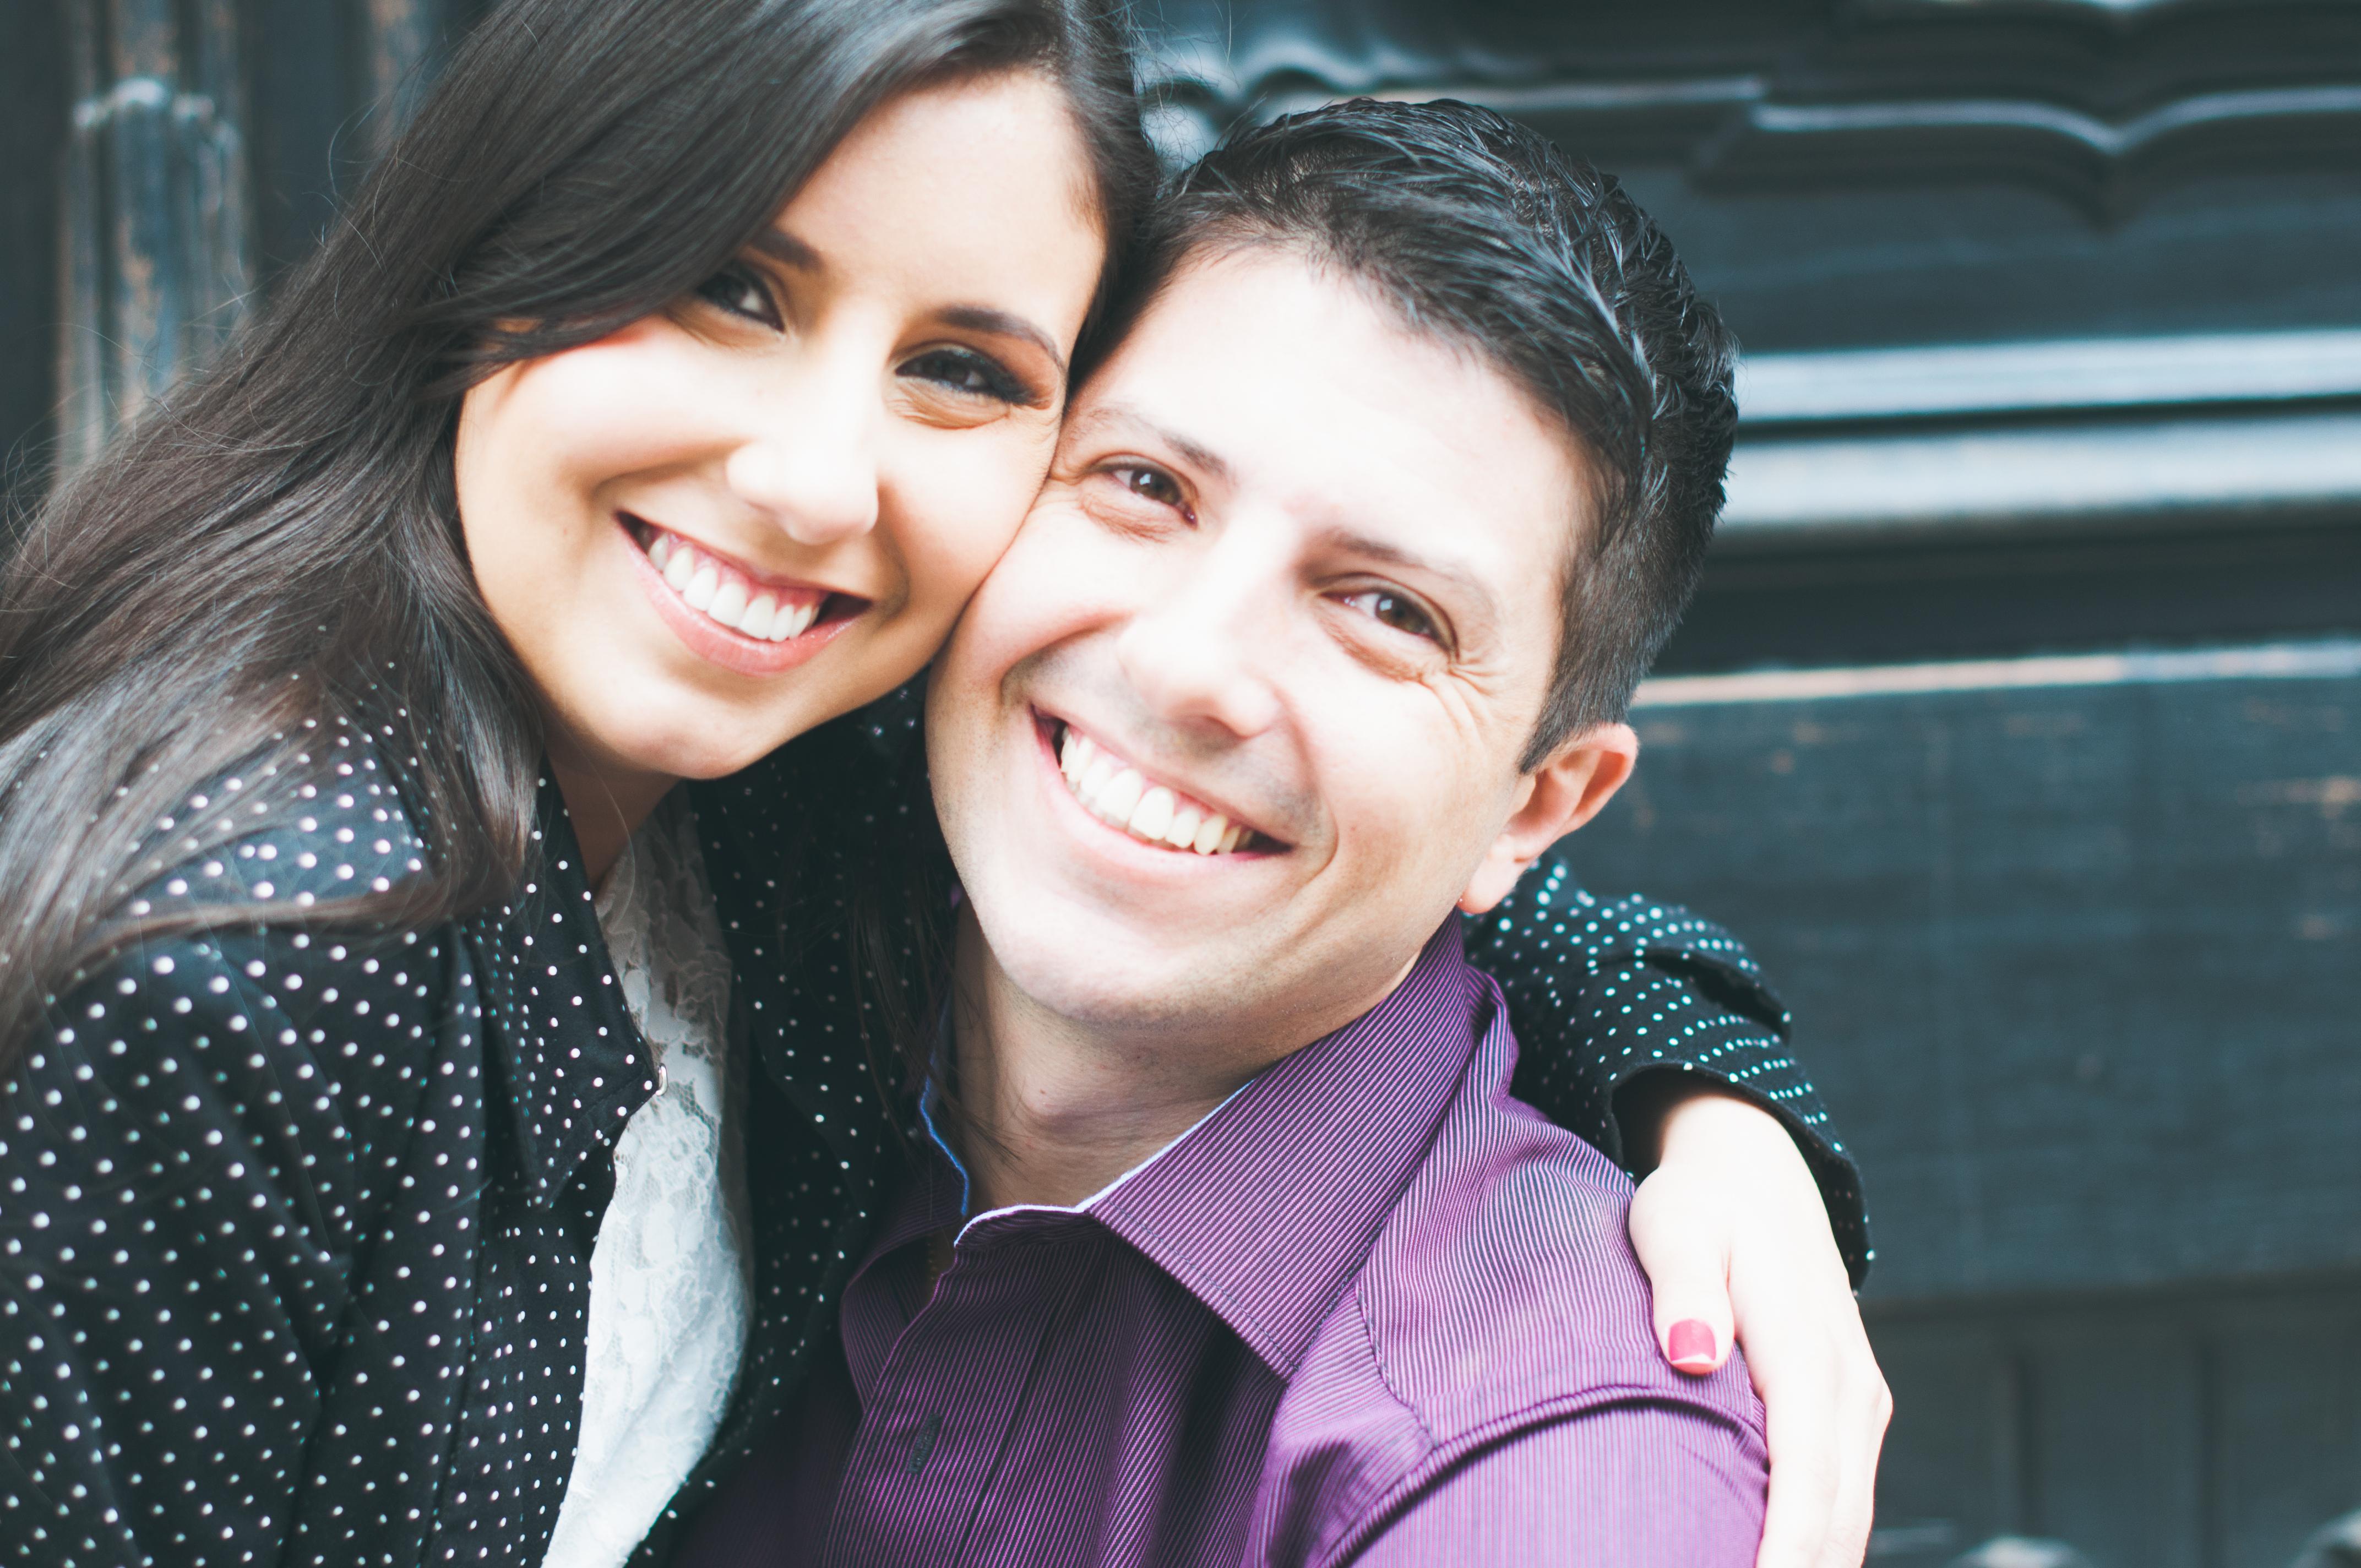 Vivian e Luiz-130.jpg